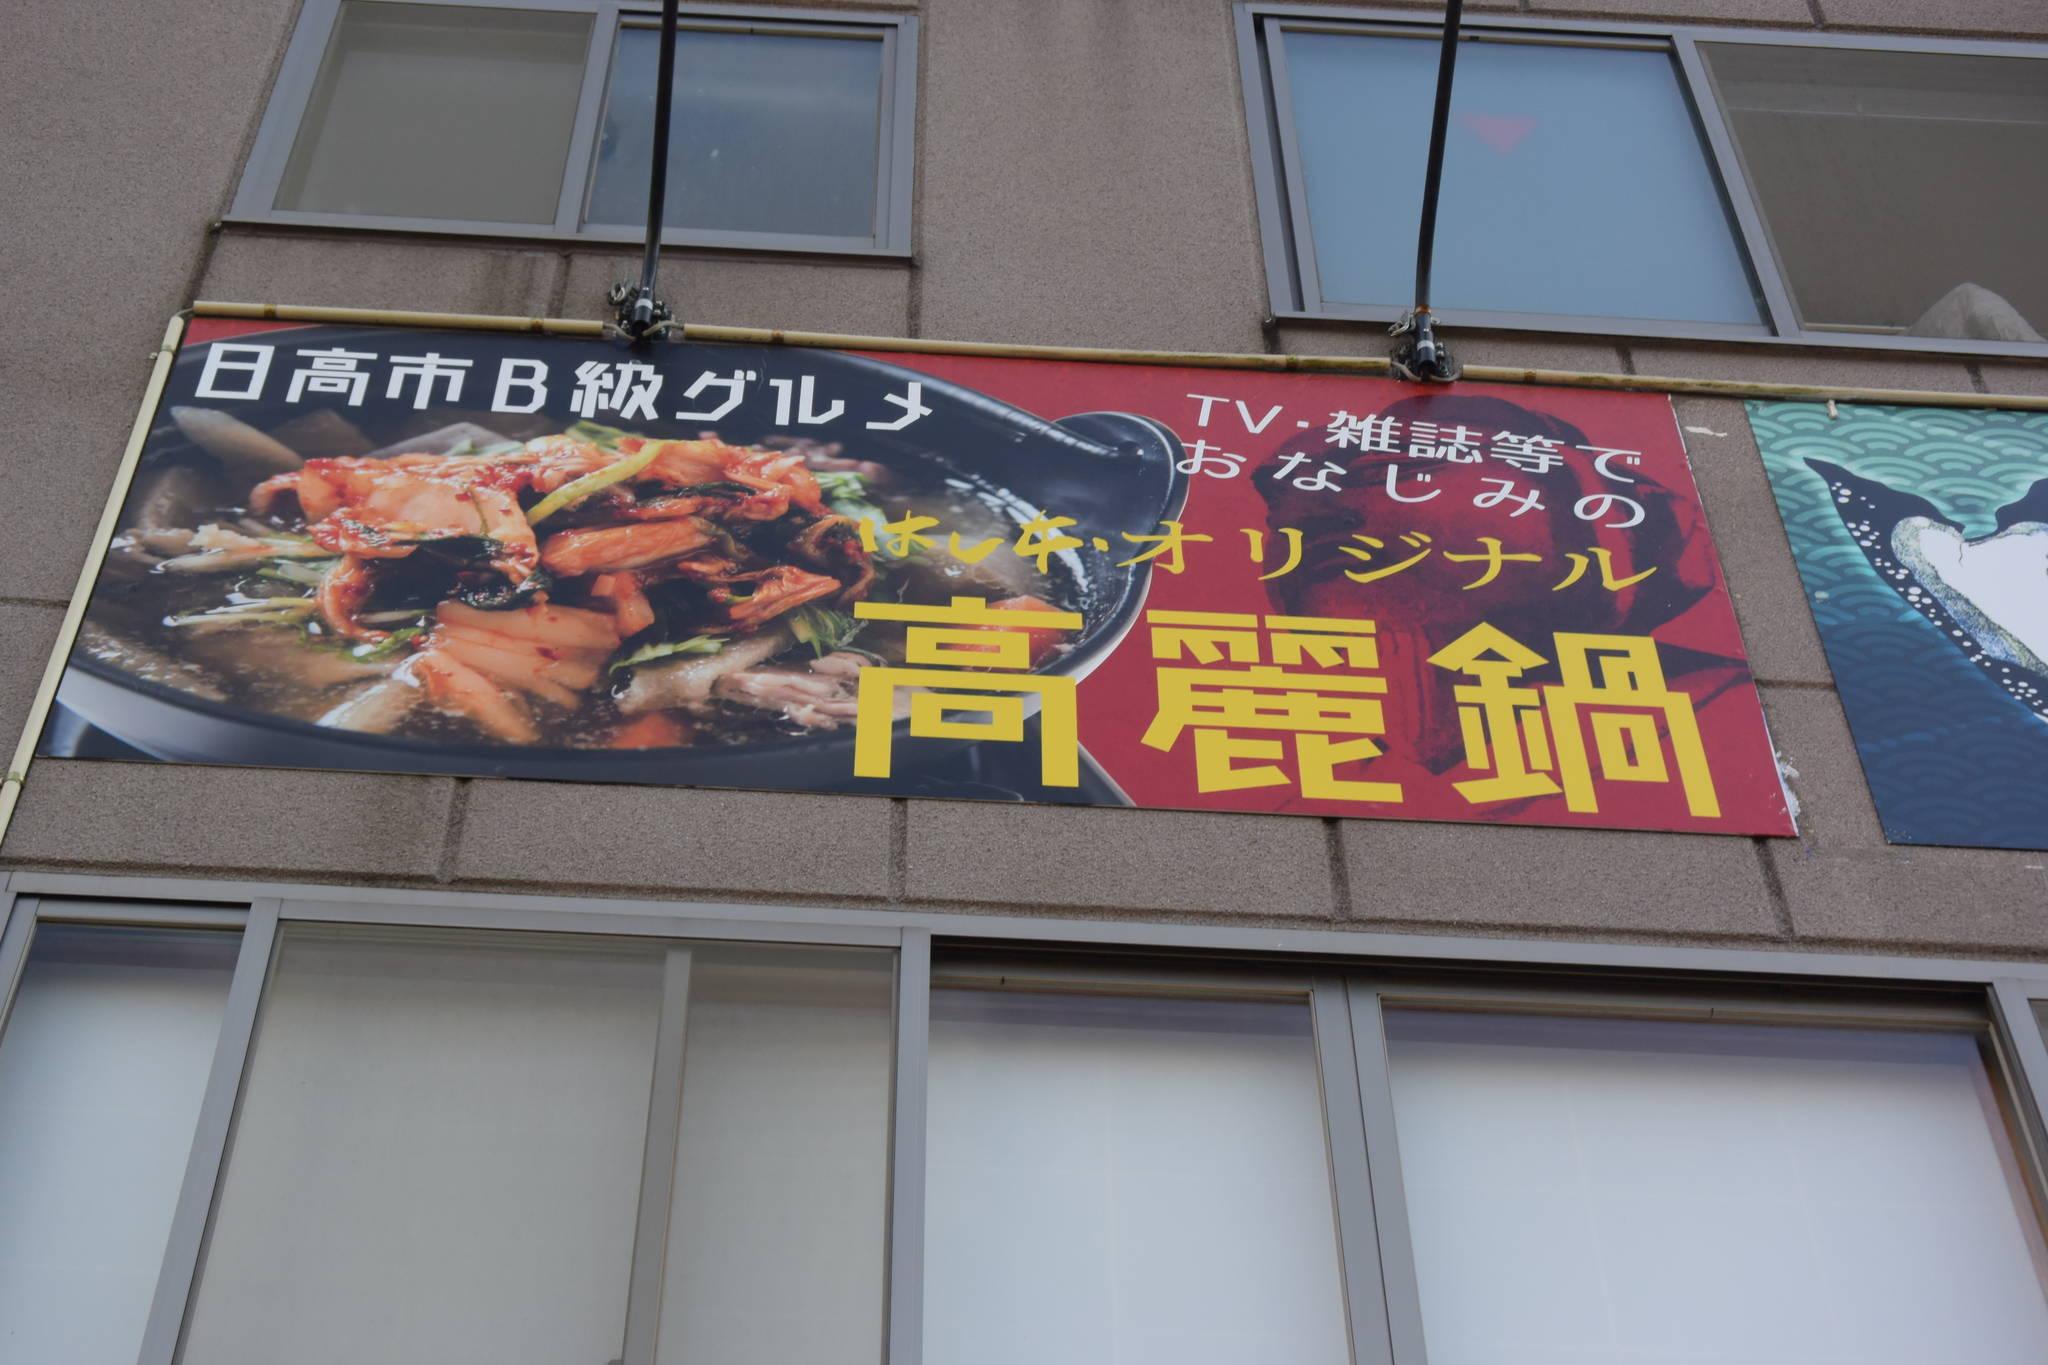 고마신사 주변 고마찌개를 파는 식당 간판